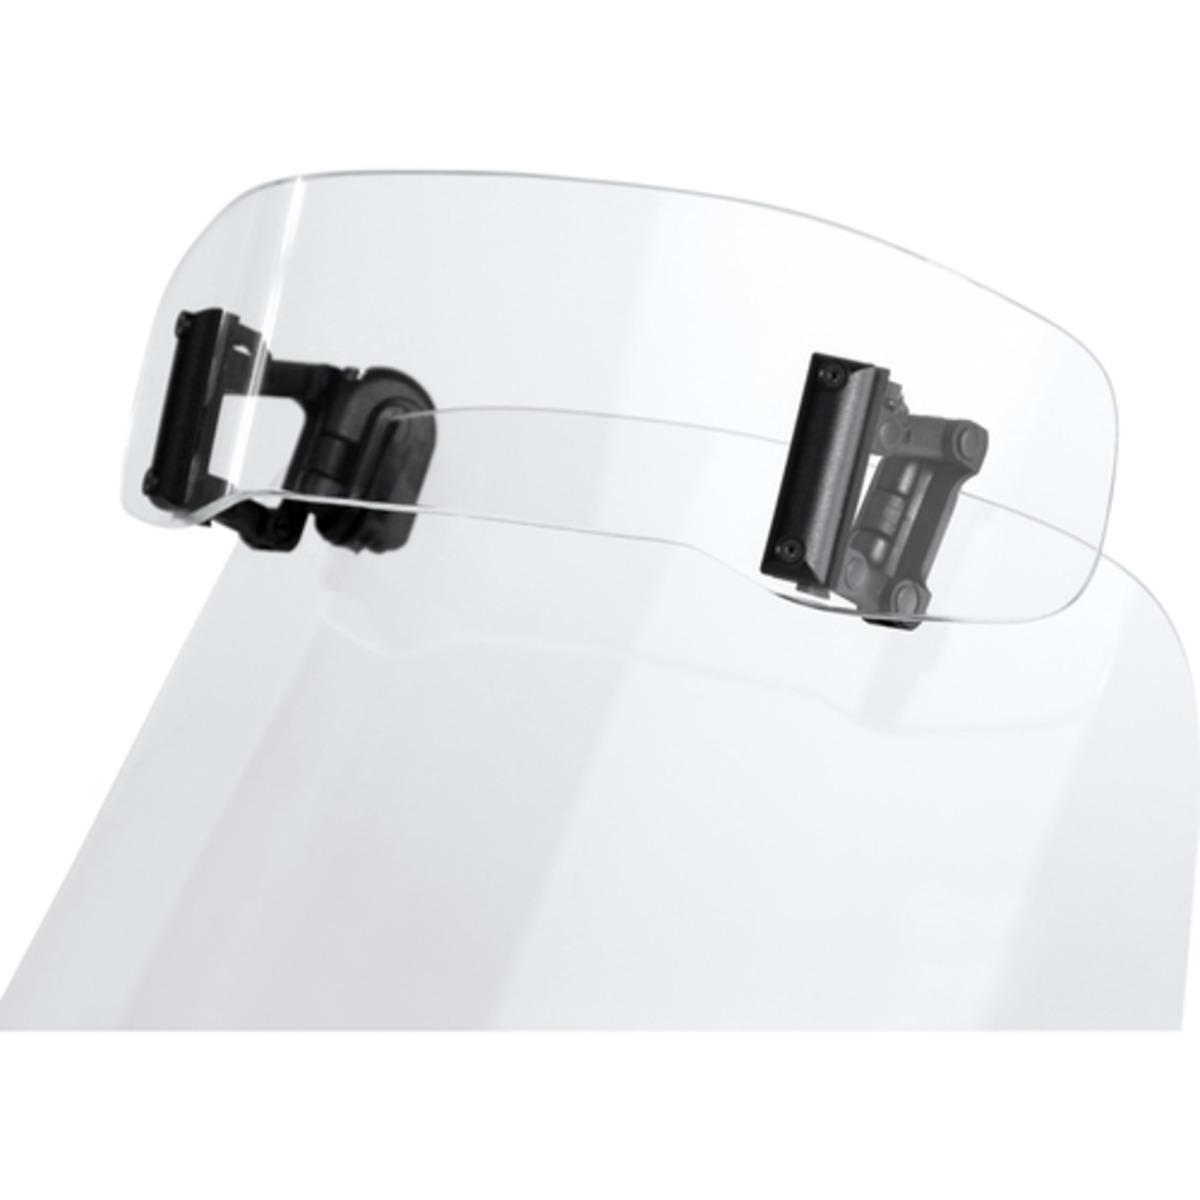 Bild 2 von MRA Aufsatzspoiler für Scheiben VSA-C 310x80mm klar farblos